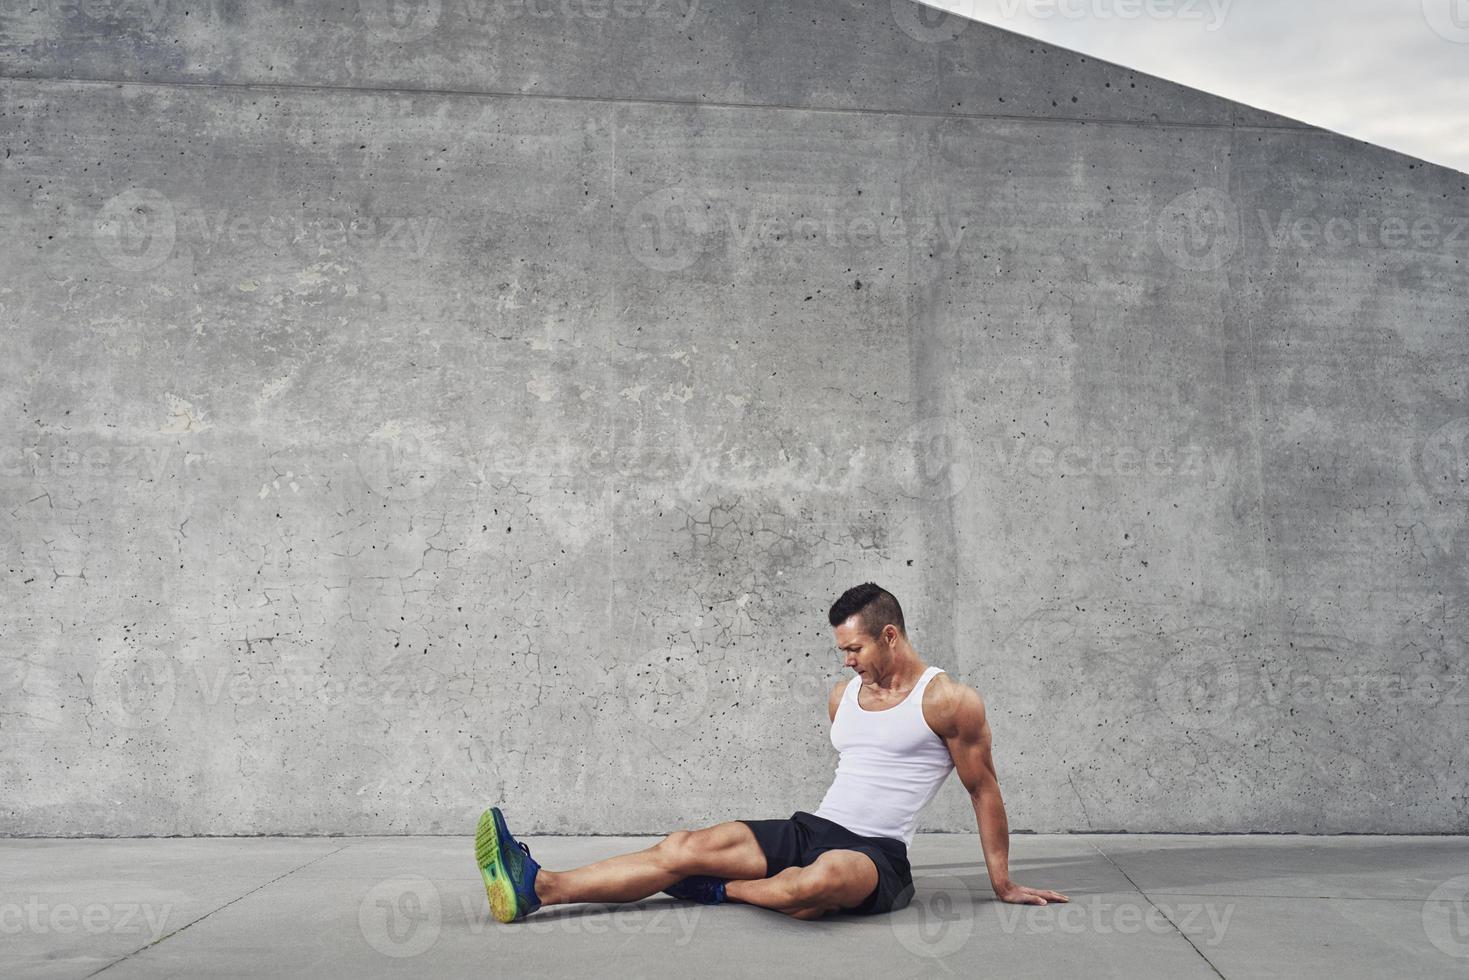 athlète fitness homme relaxant et étirement des muscles et des jambes photo